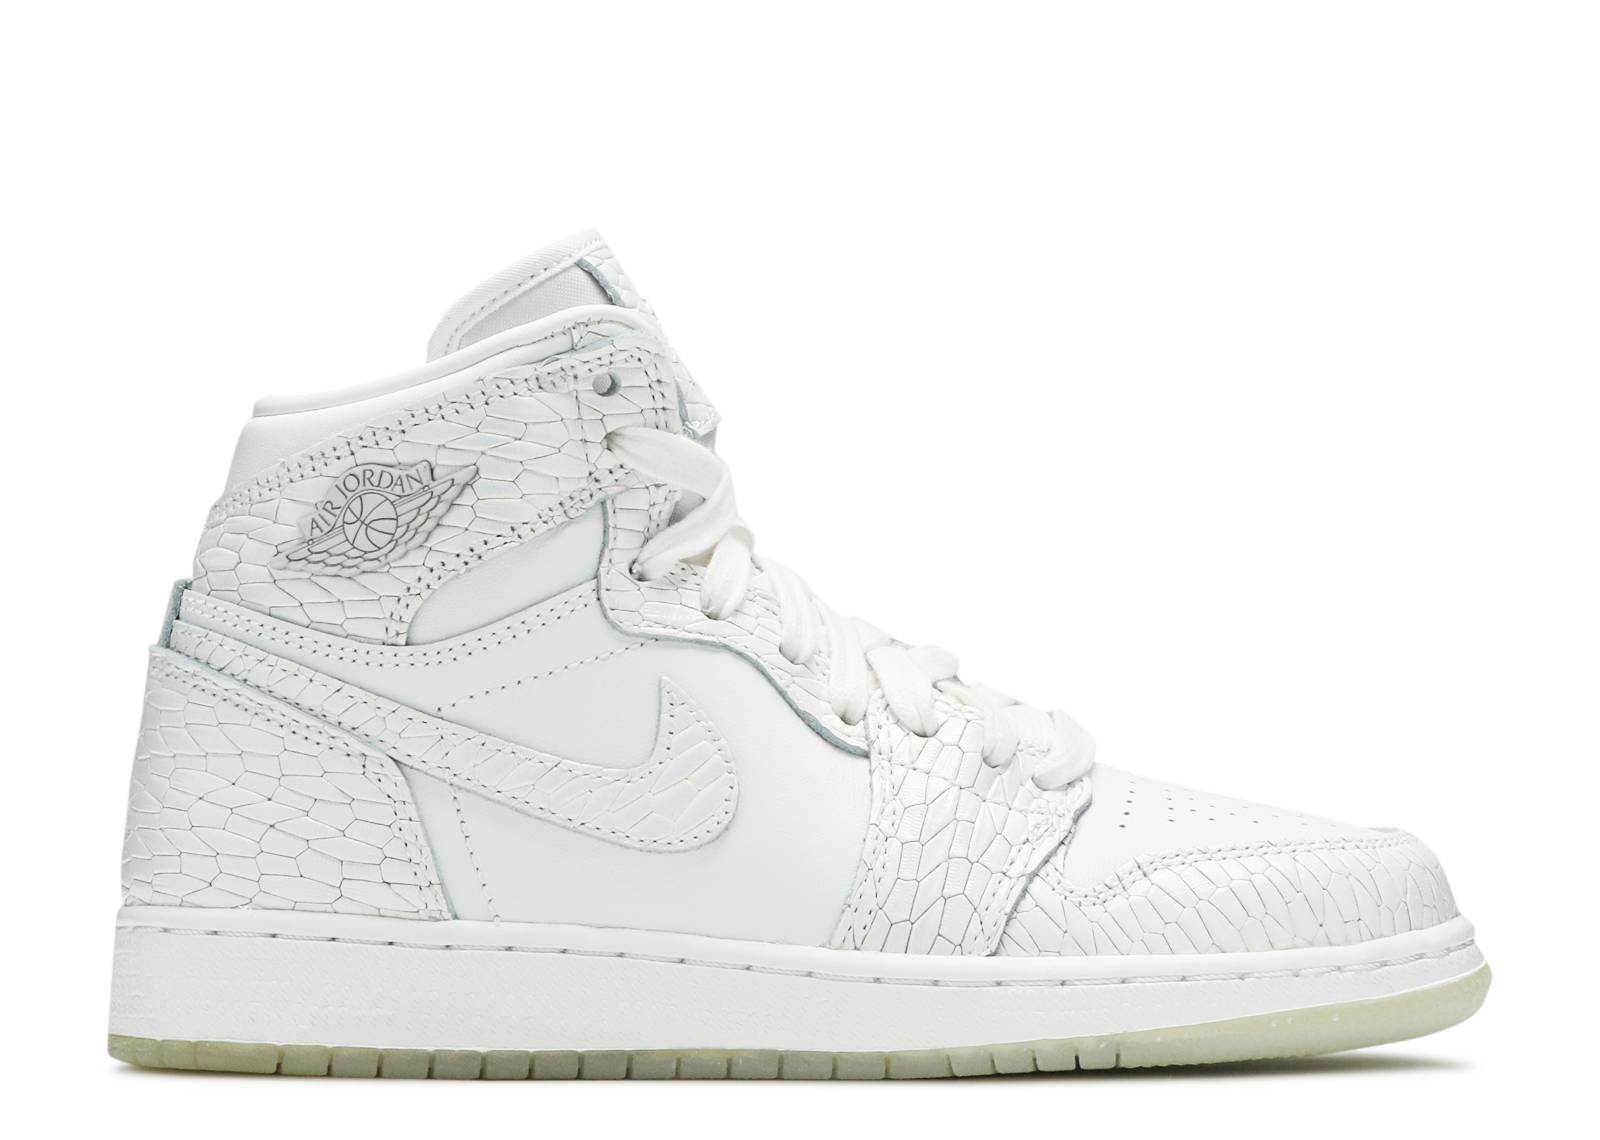 Air Jordan 1 Retro Hi Prem Hc Gg - Air Jordan - 832596 100 - white white - pure  platinum  91f7fbd38